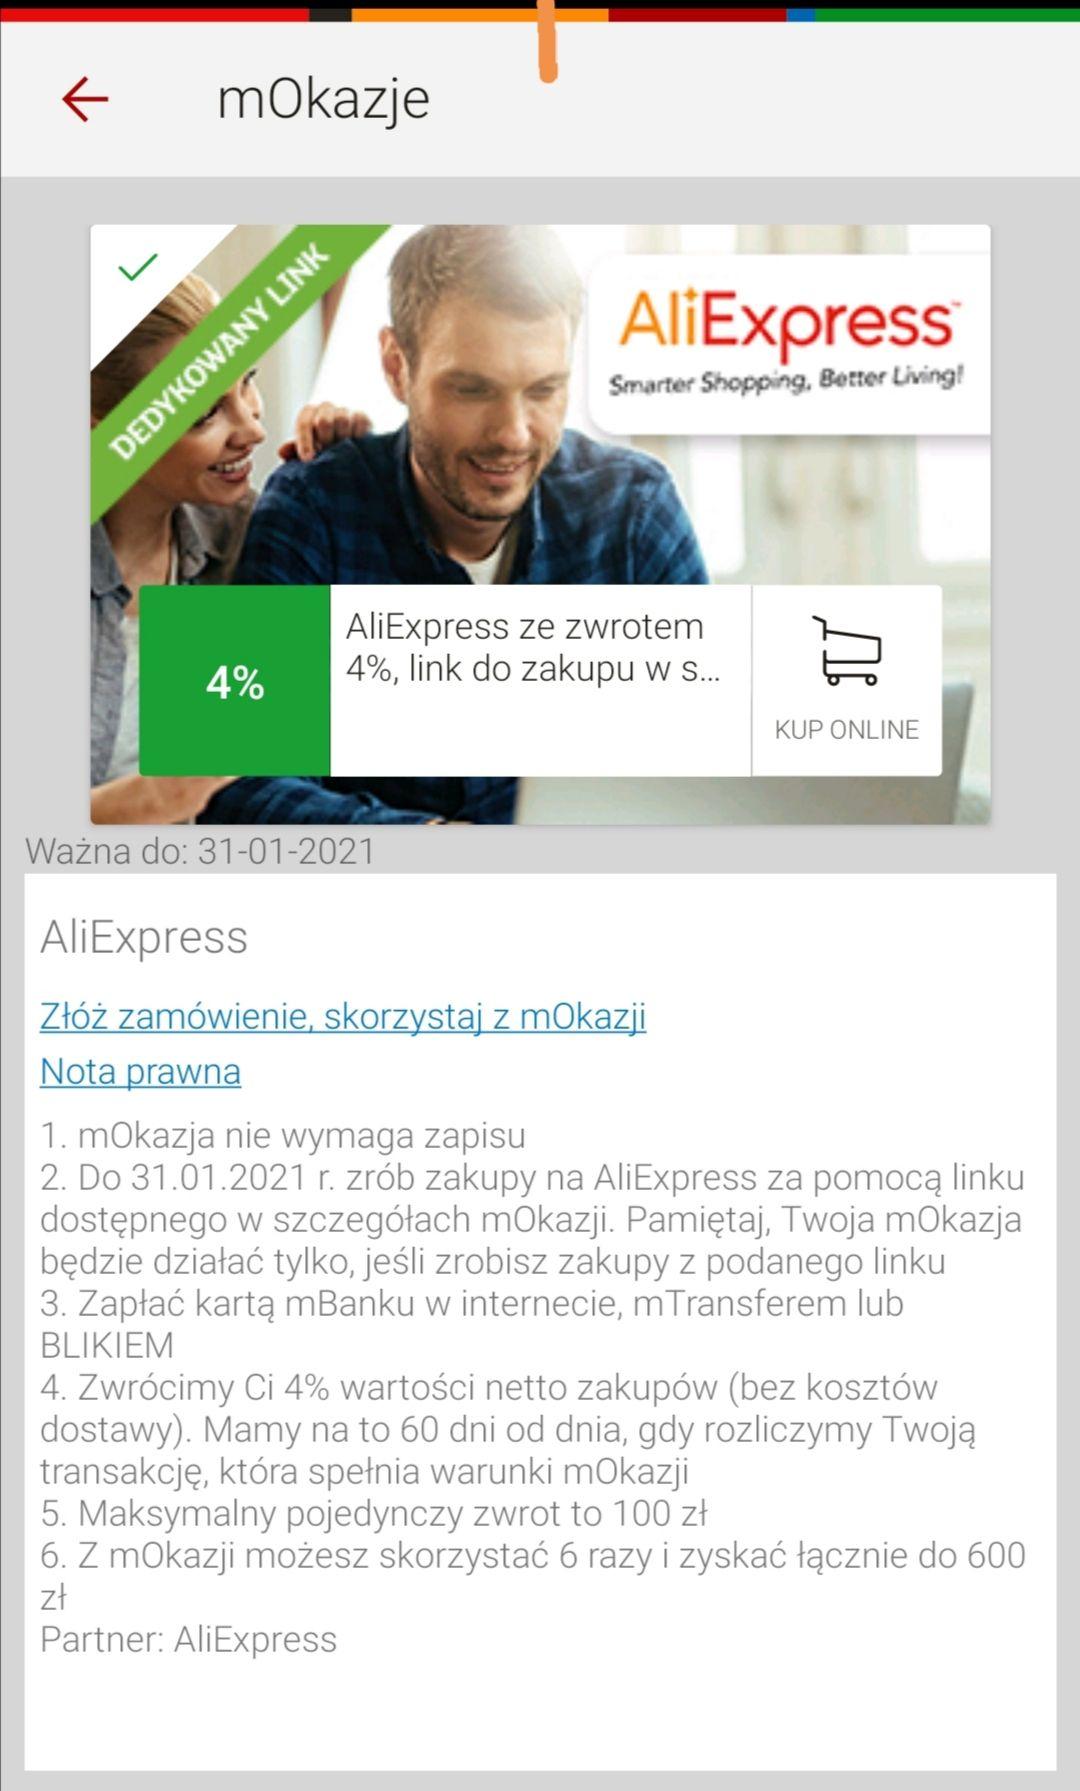 mBank mOkazje 4% zwrotu na konto za zakupy na Aliexpress do 31.01